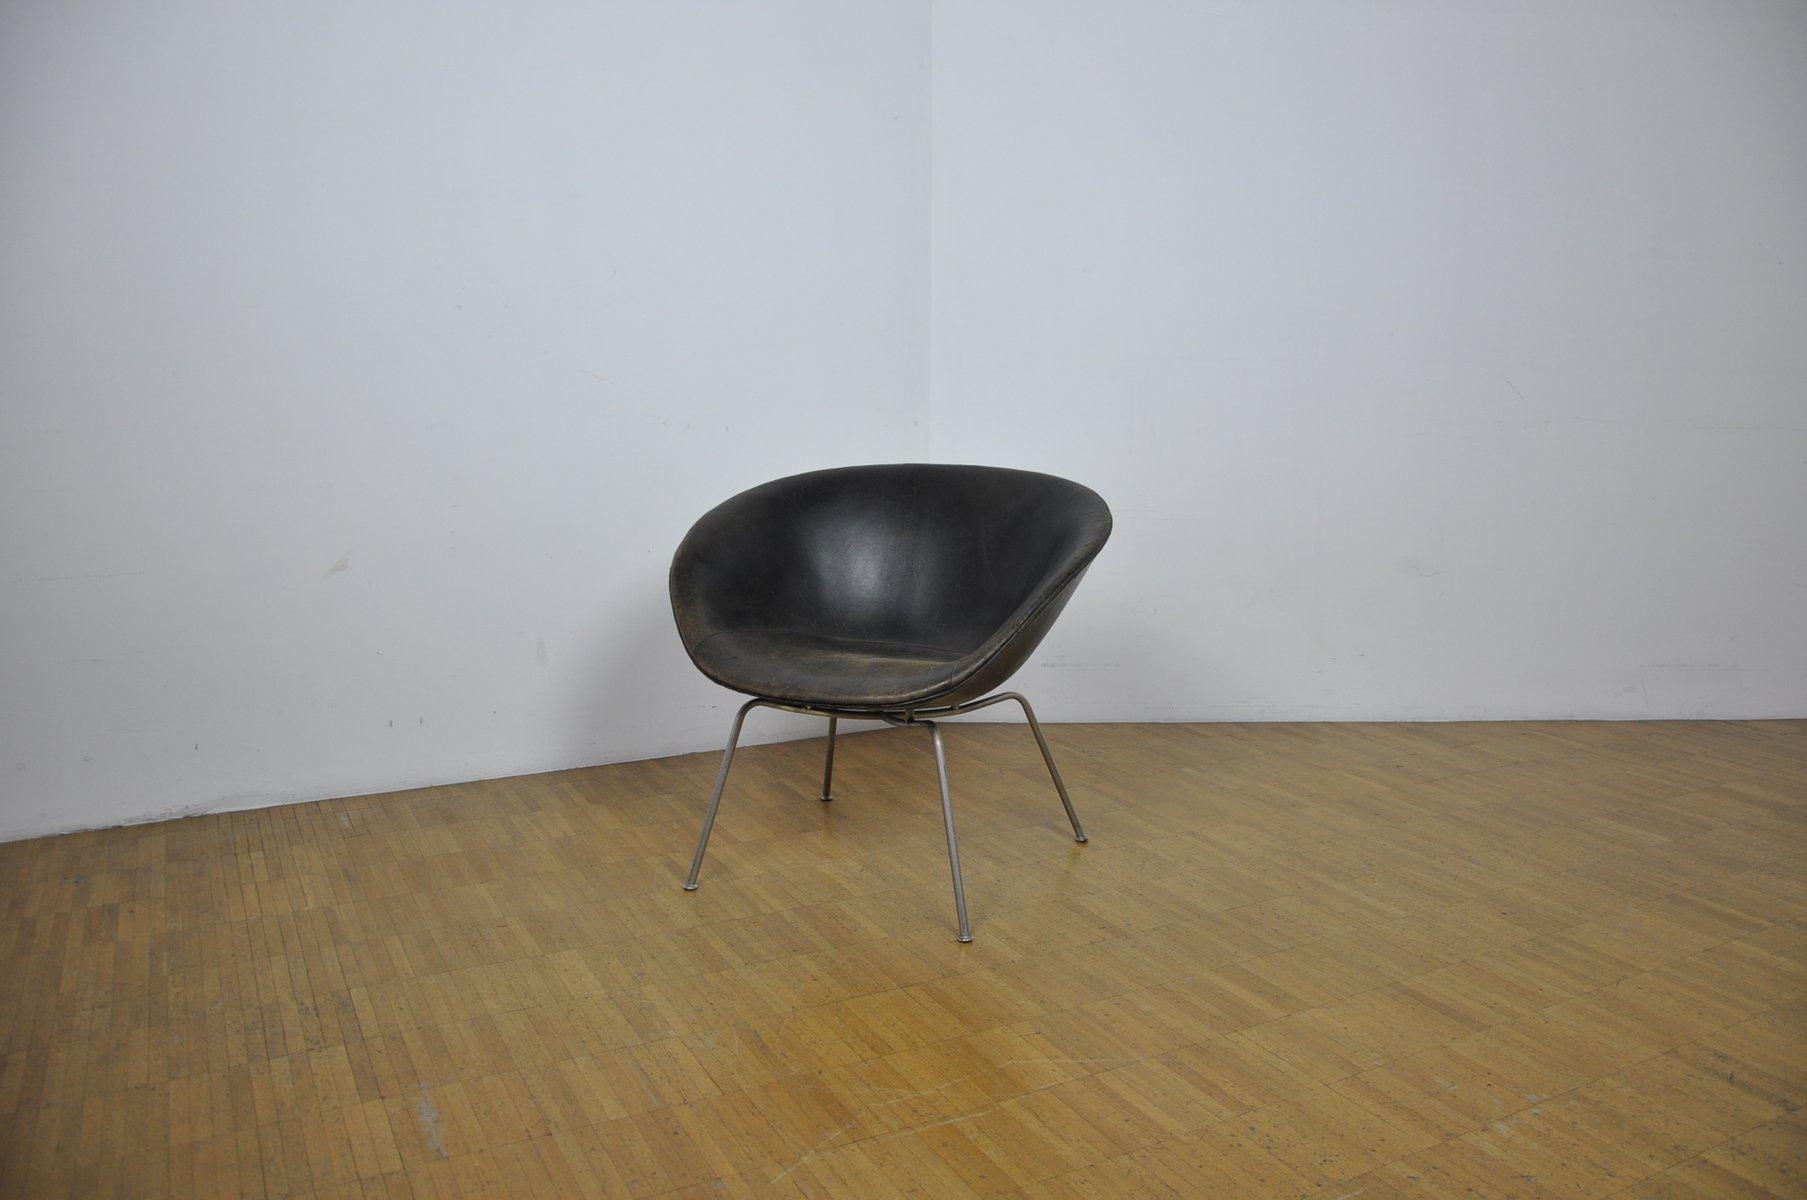 d nischer mid century pot stuhl von arne jacobsen f r. Black Bedroom Furniture Sets. Home Design Ideas